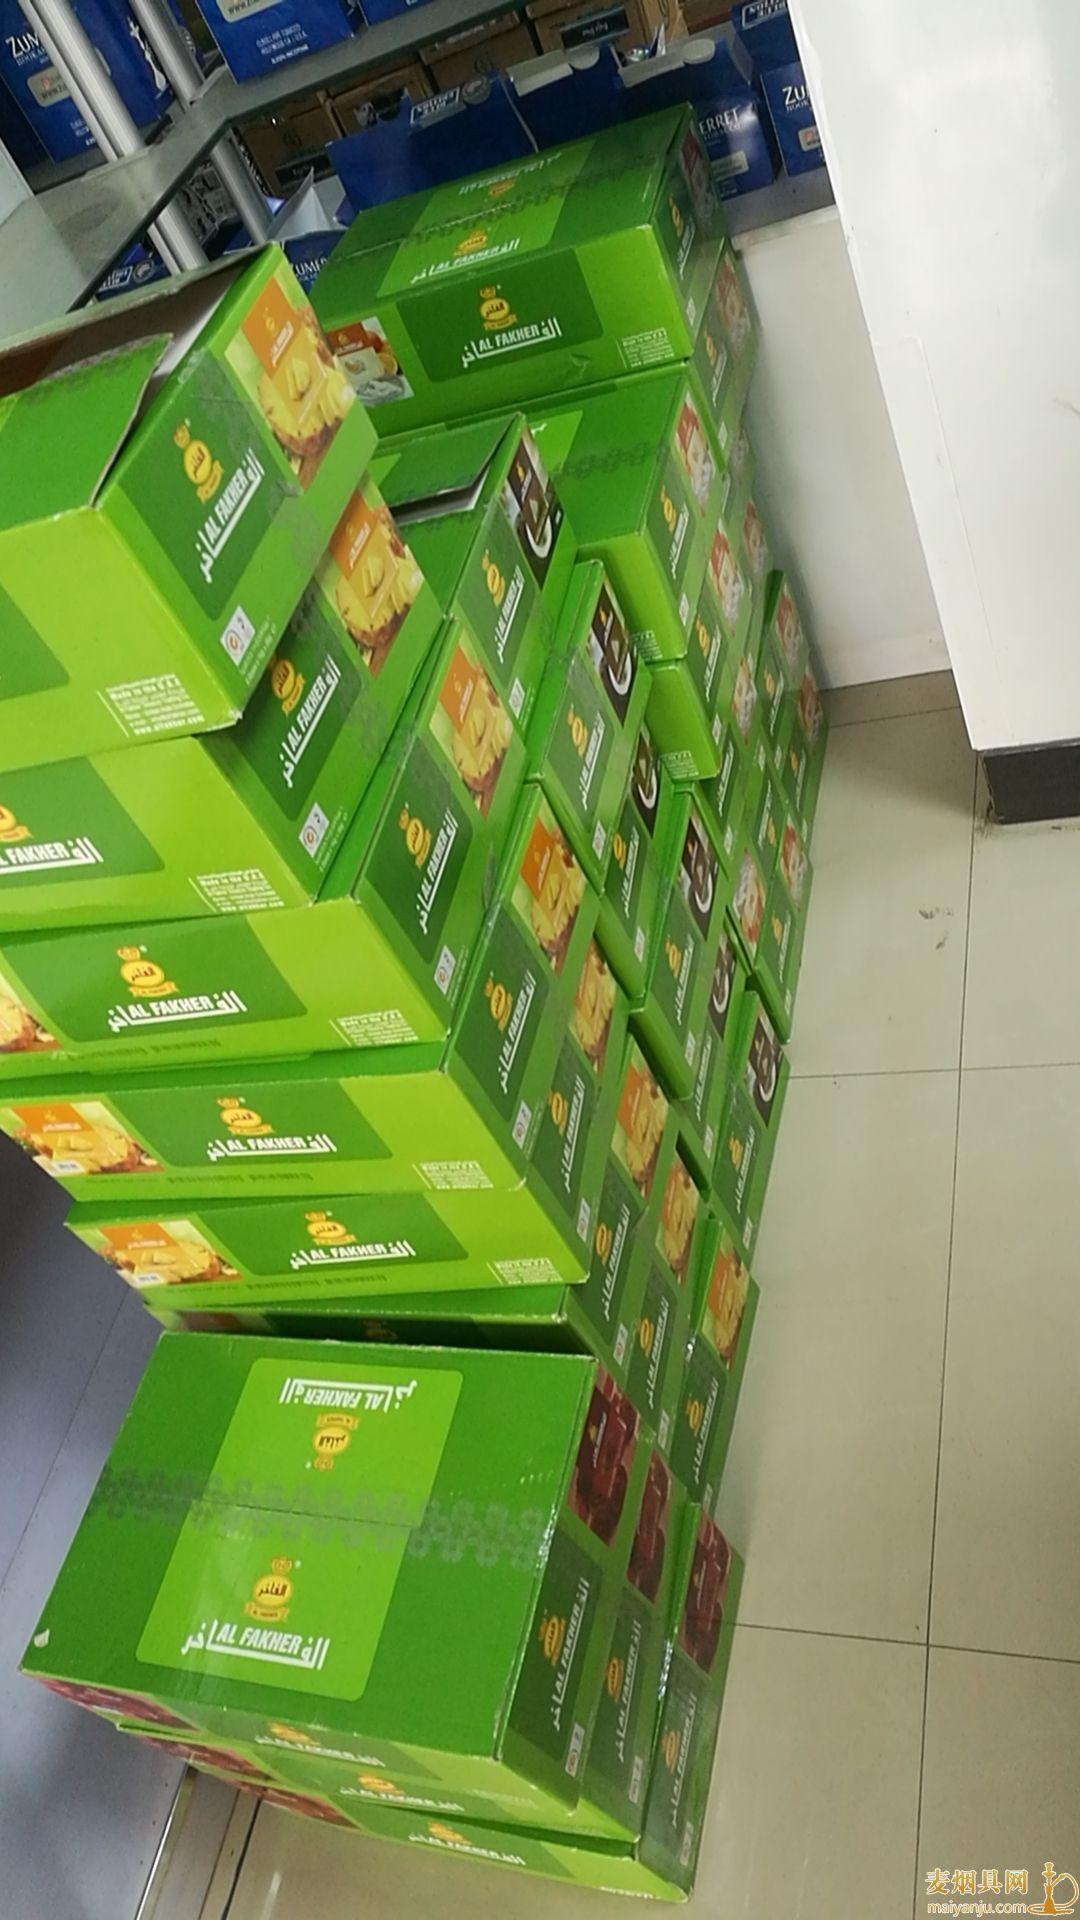 阿尔法赫1千克现货口味 阿尔法赫1公斤的。现在有什么口味